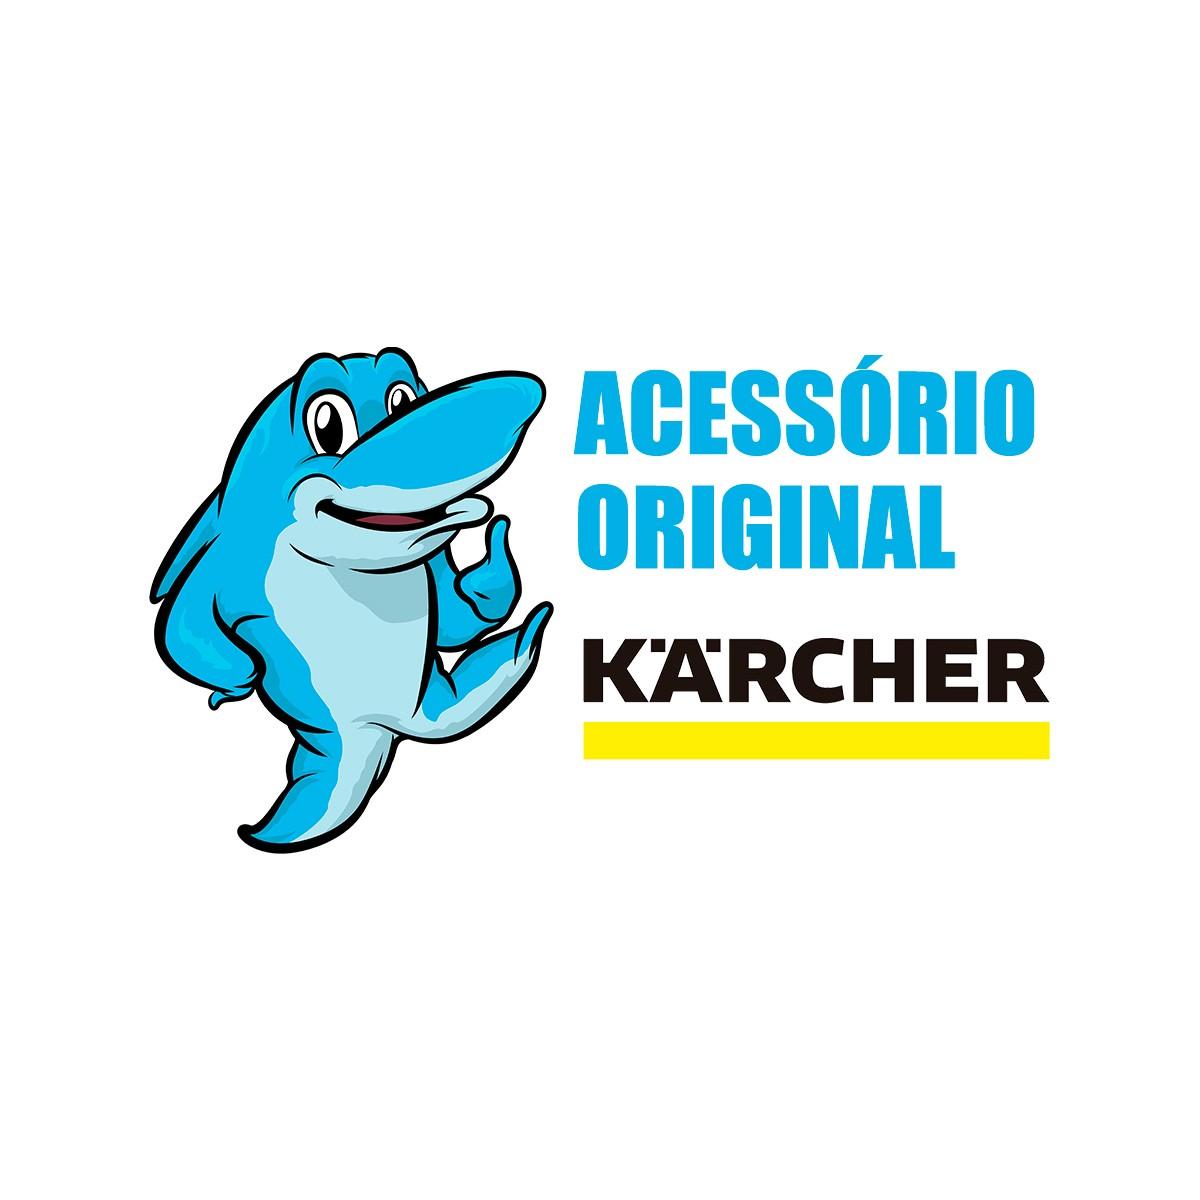 Mangueira de 1,2mts Original Karcher para Aspiradores